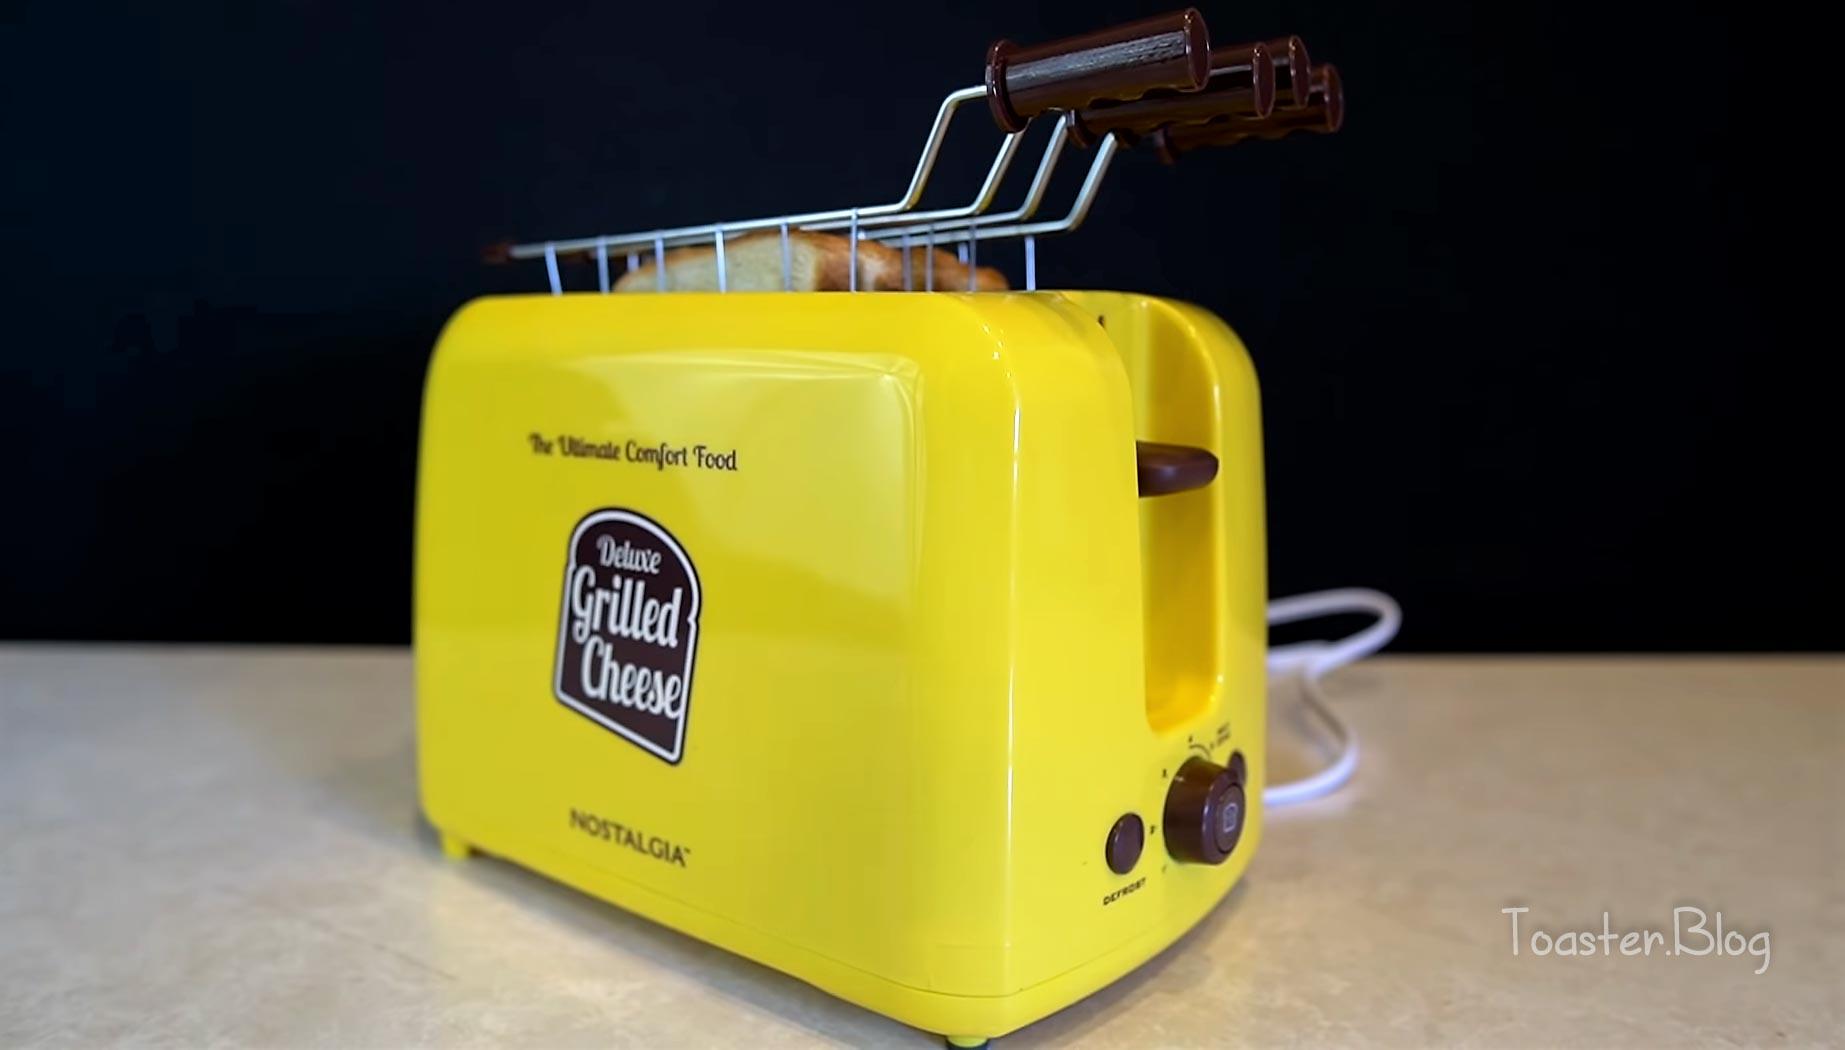 Best cheese toastie maker